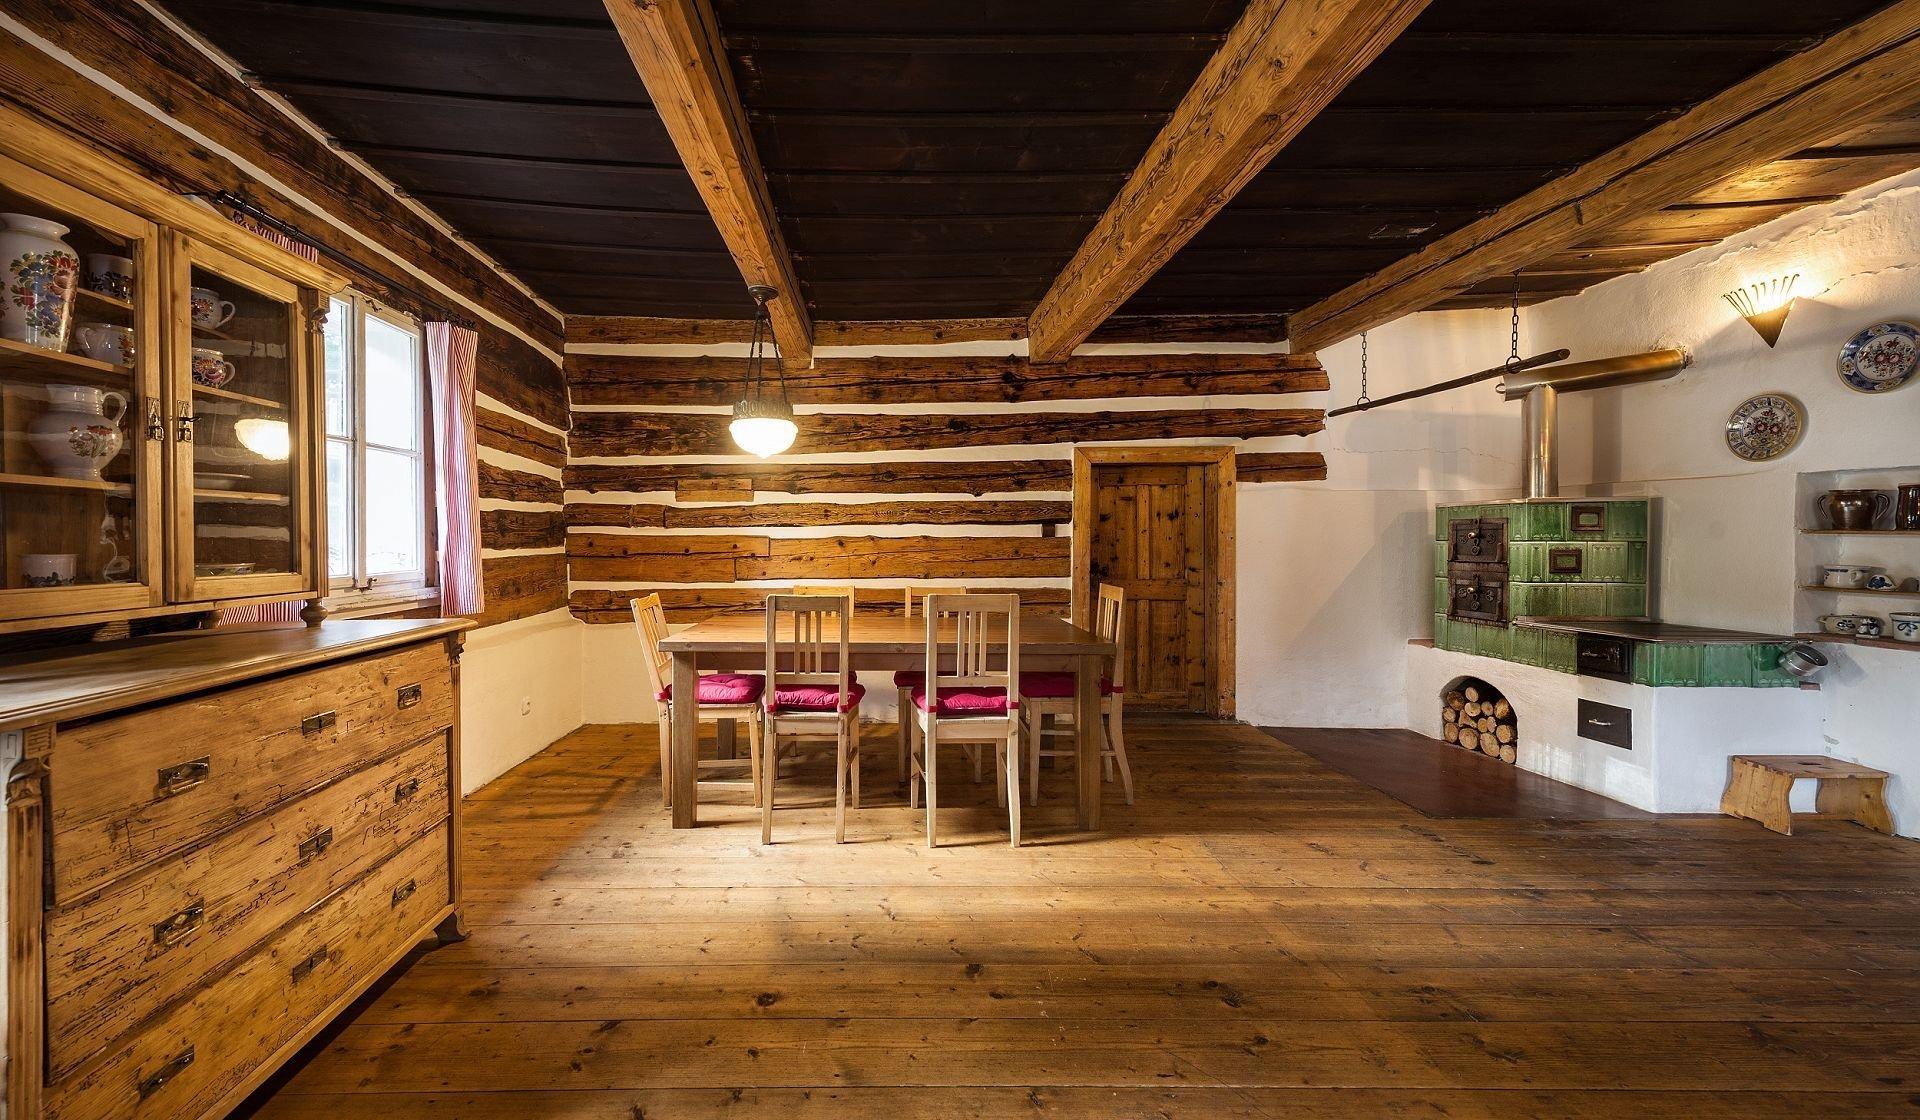 Kdo by nechtěl bydlet v pohádkové roubence vonící dřevem i láskou ke starým dobrým časům? Pojďme se podívat, jak se asi bydlí v tomto kouzelném stavení a v místě, kde lišky dávají dobrou noc.